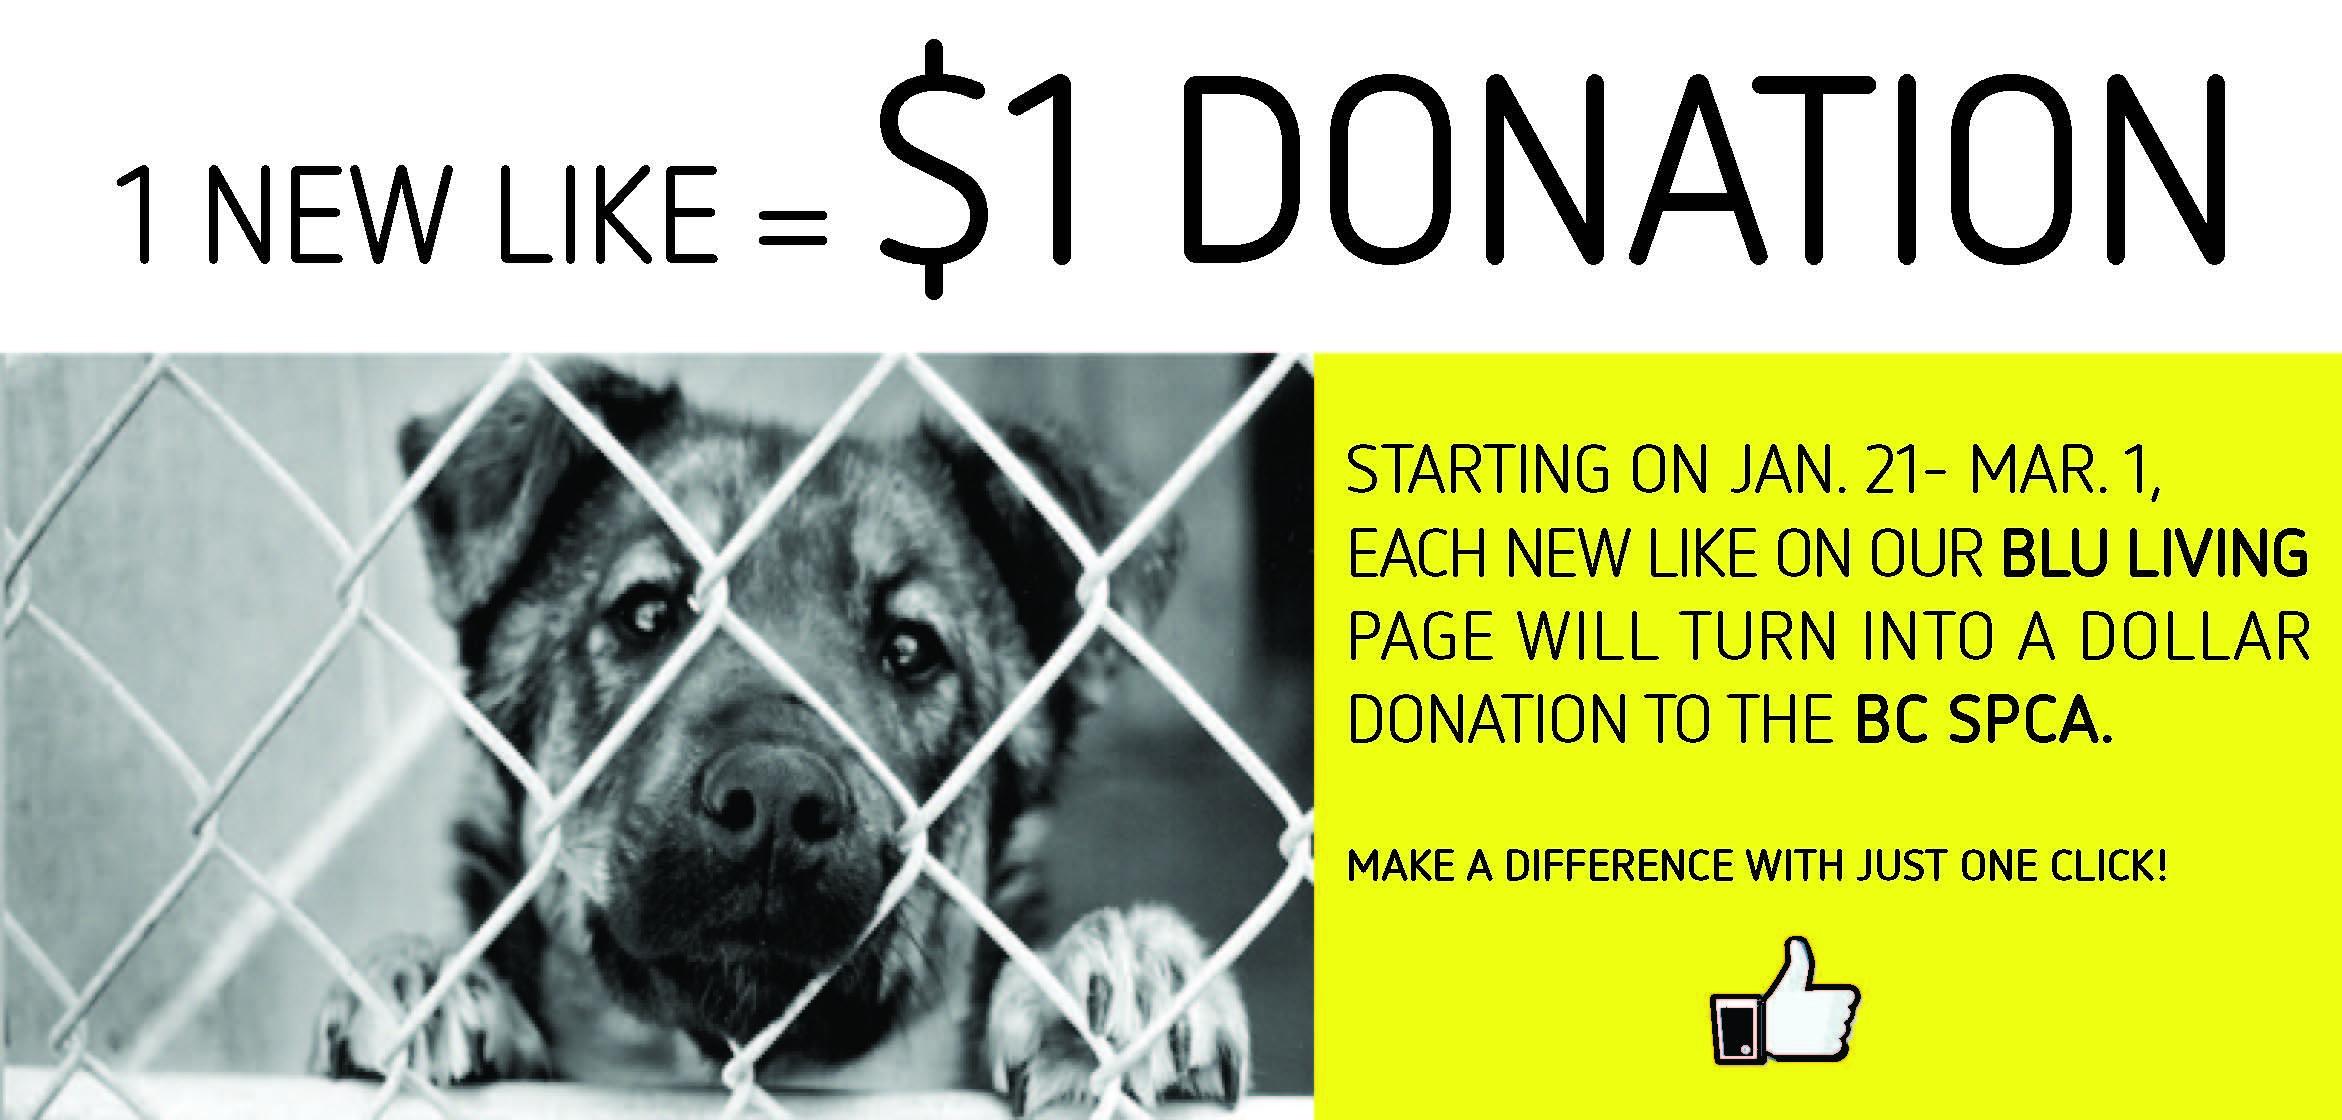 donation_highlight.jpg